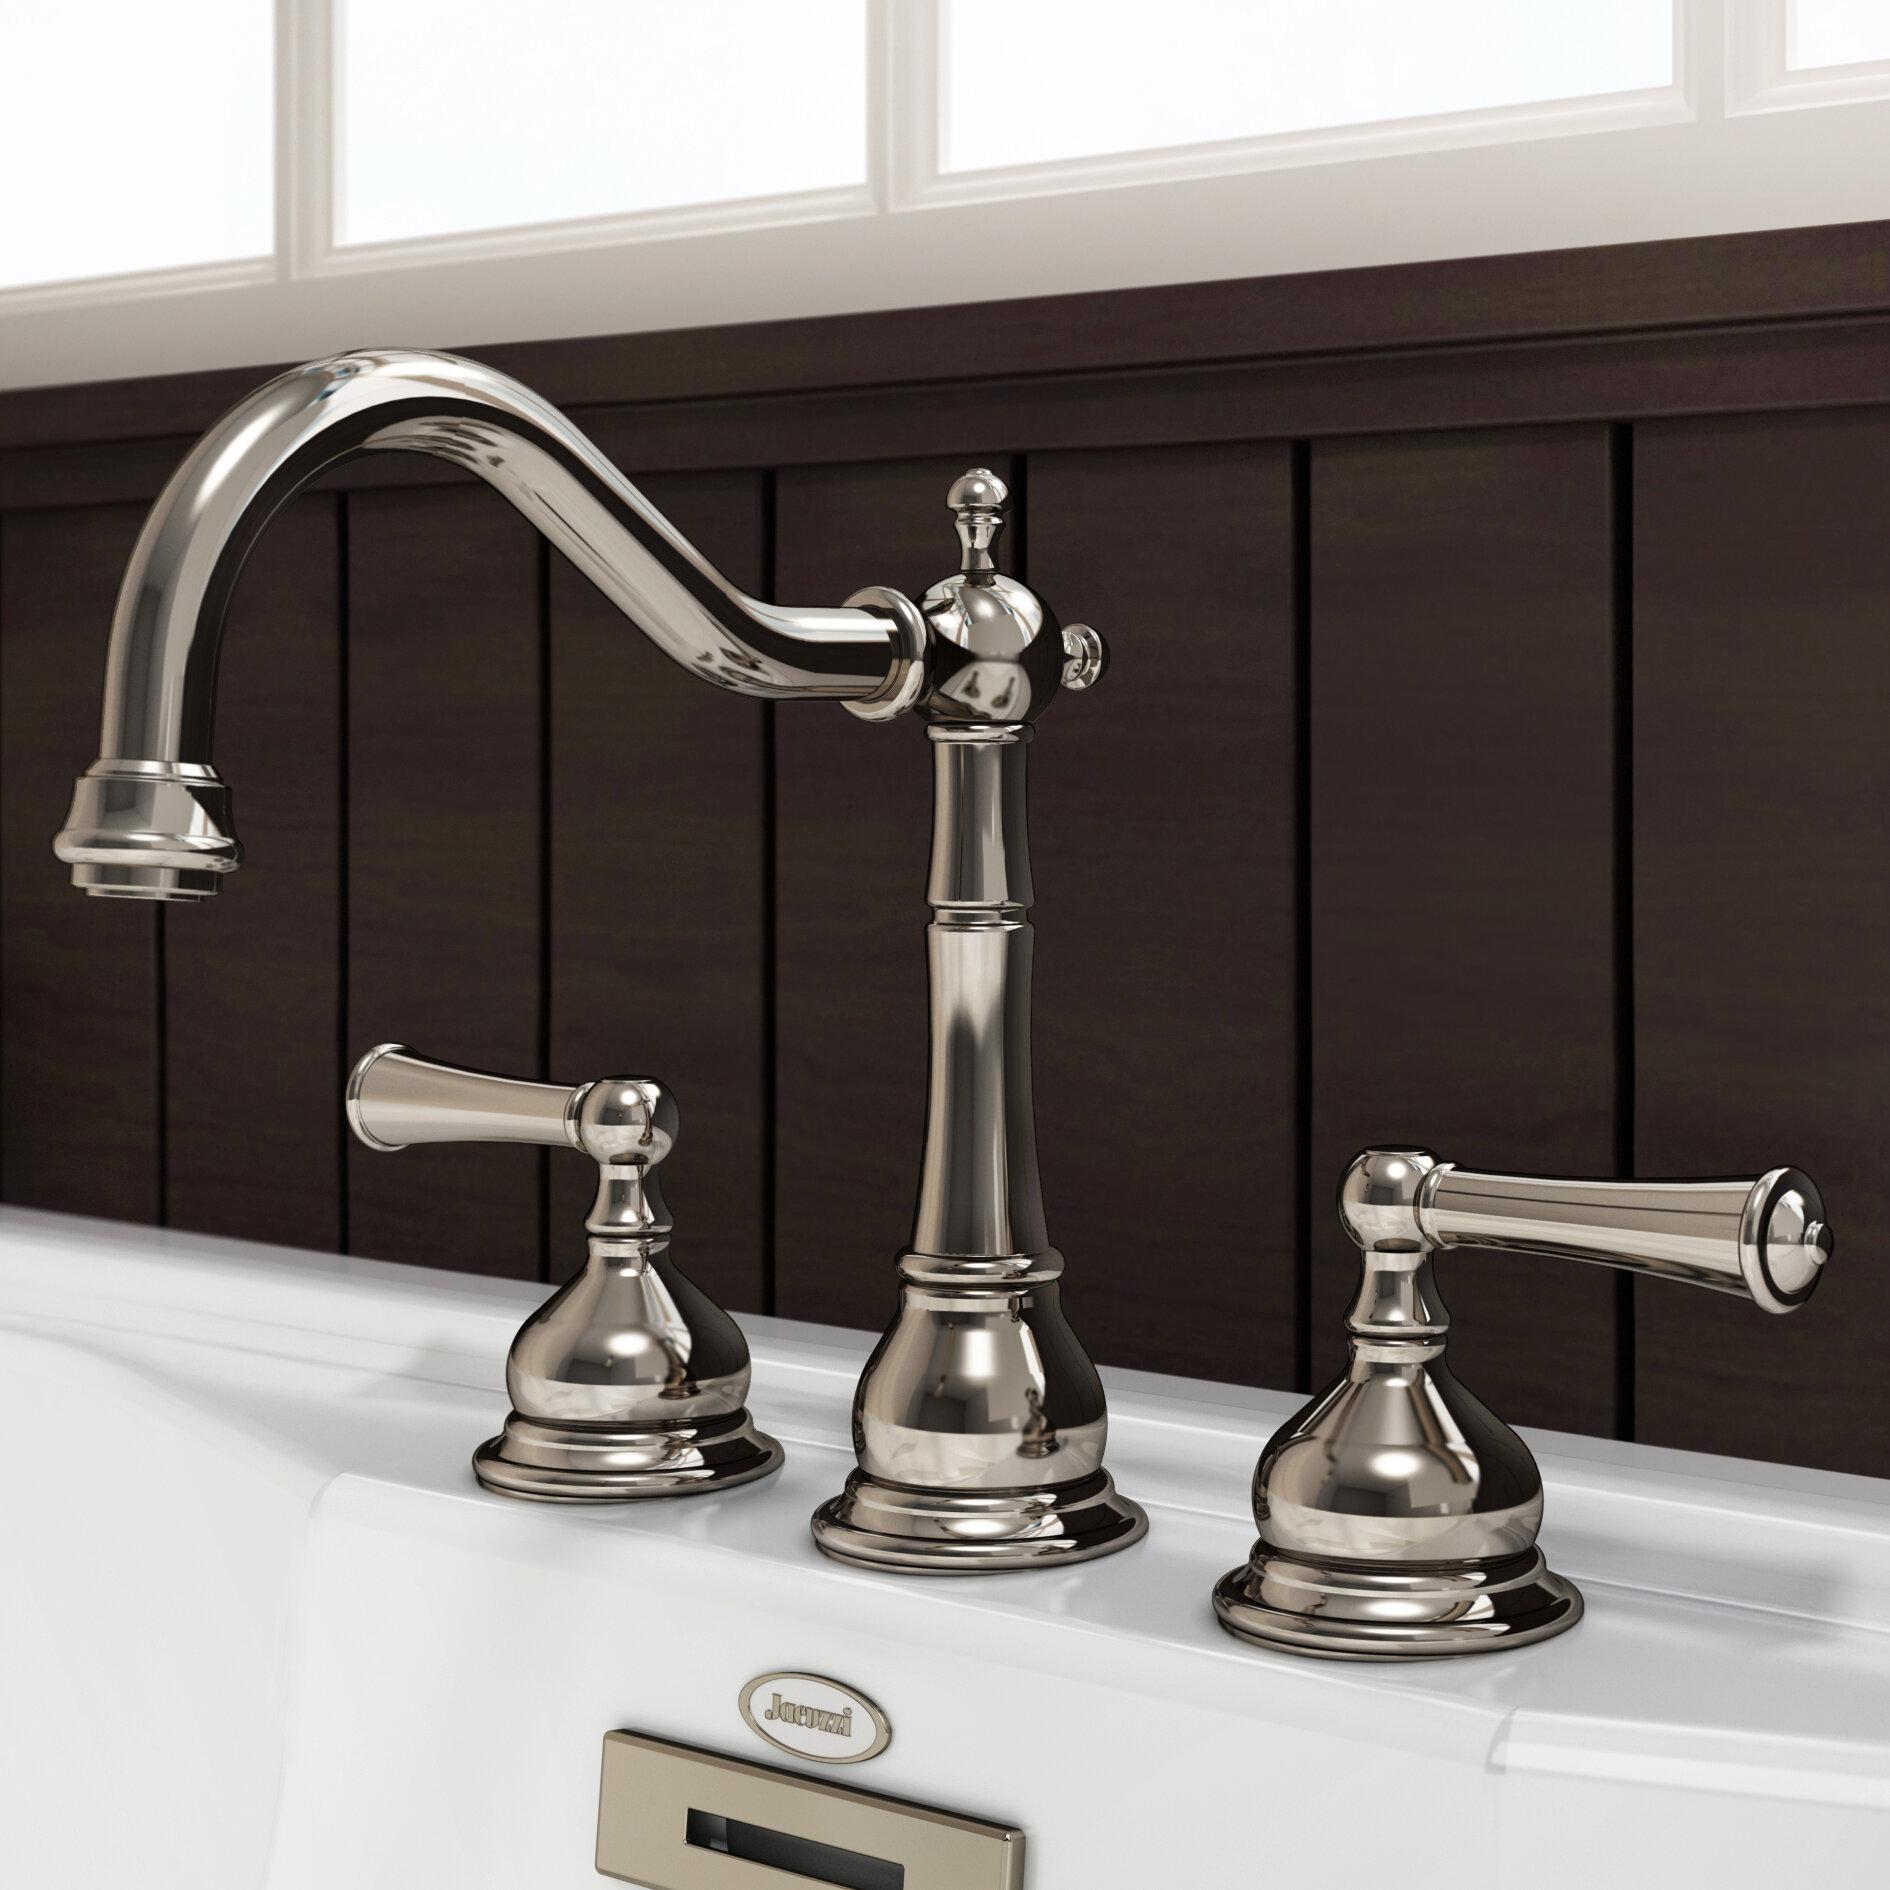 Jacuzzi® Barrea Double Handle Deck Mount Roman Tub Faucet Trim | Wayfair